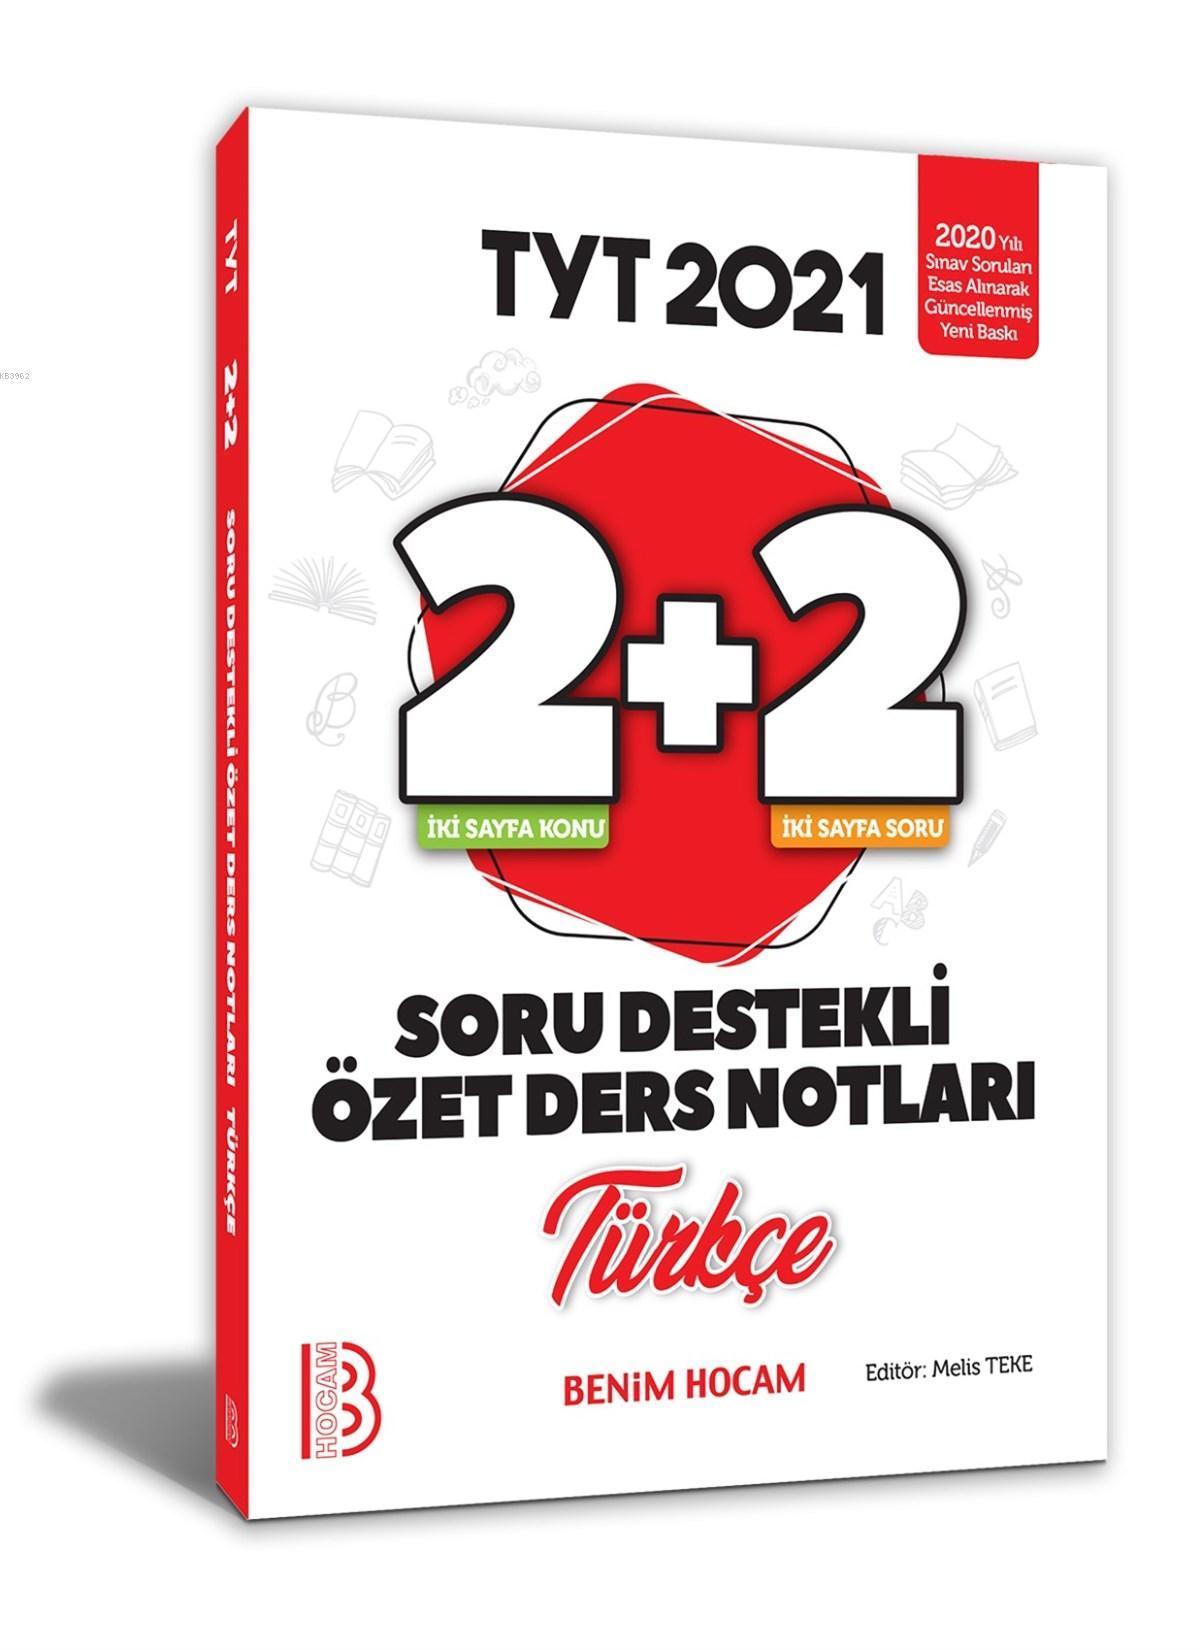 2021 YKS TYT Türkçe 2+2 Soru Destekli Özet Ders Notları Benim Hocam Yayınları